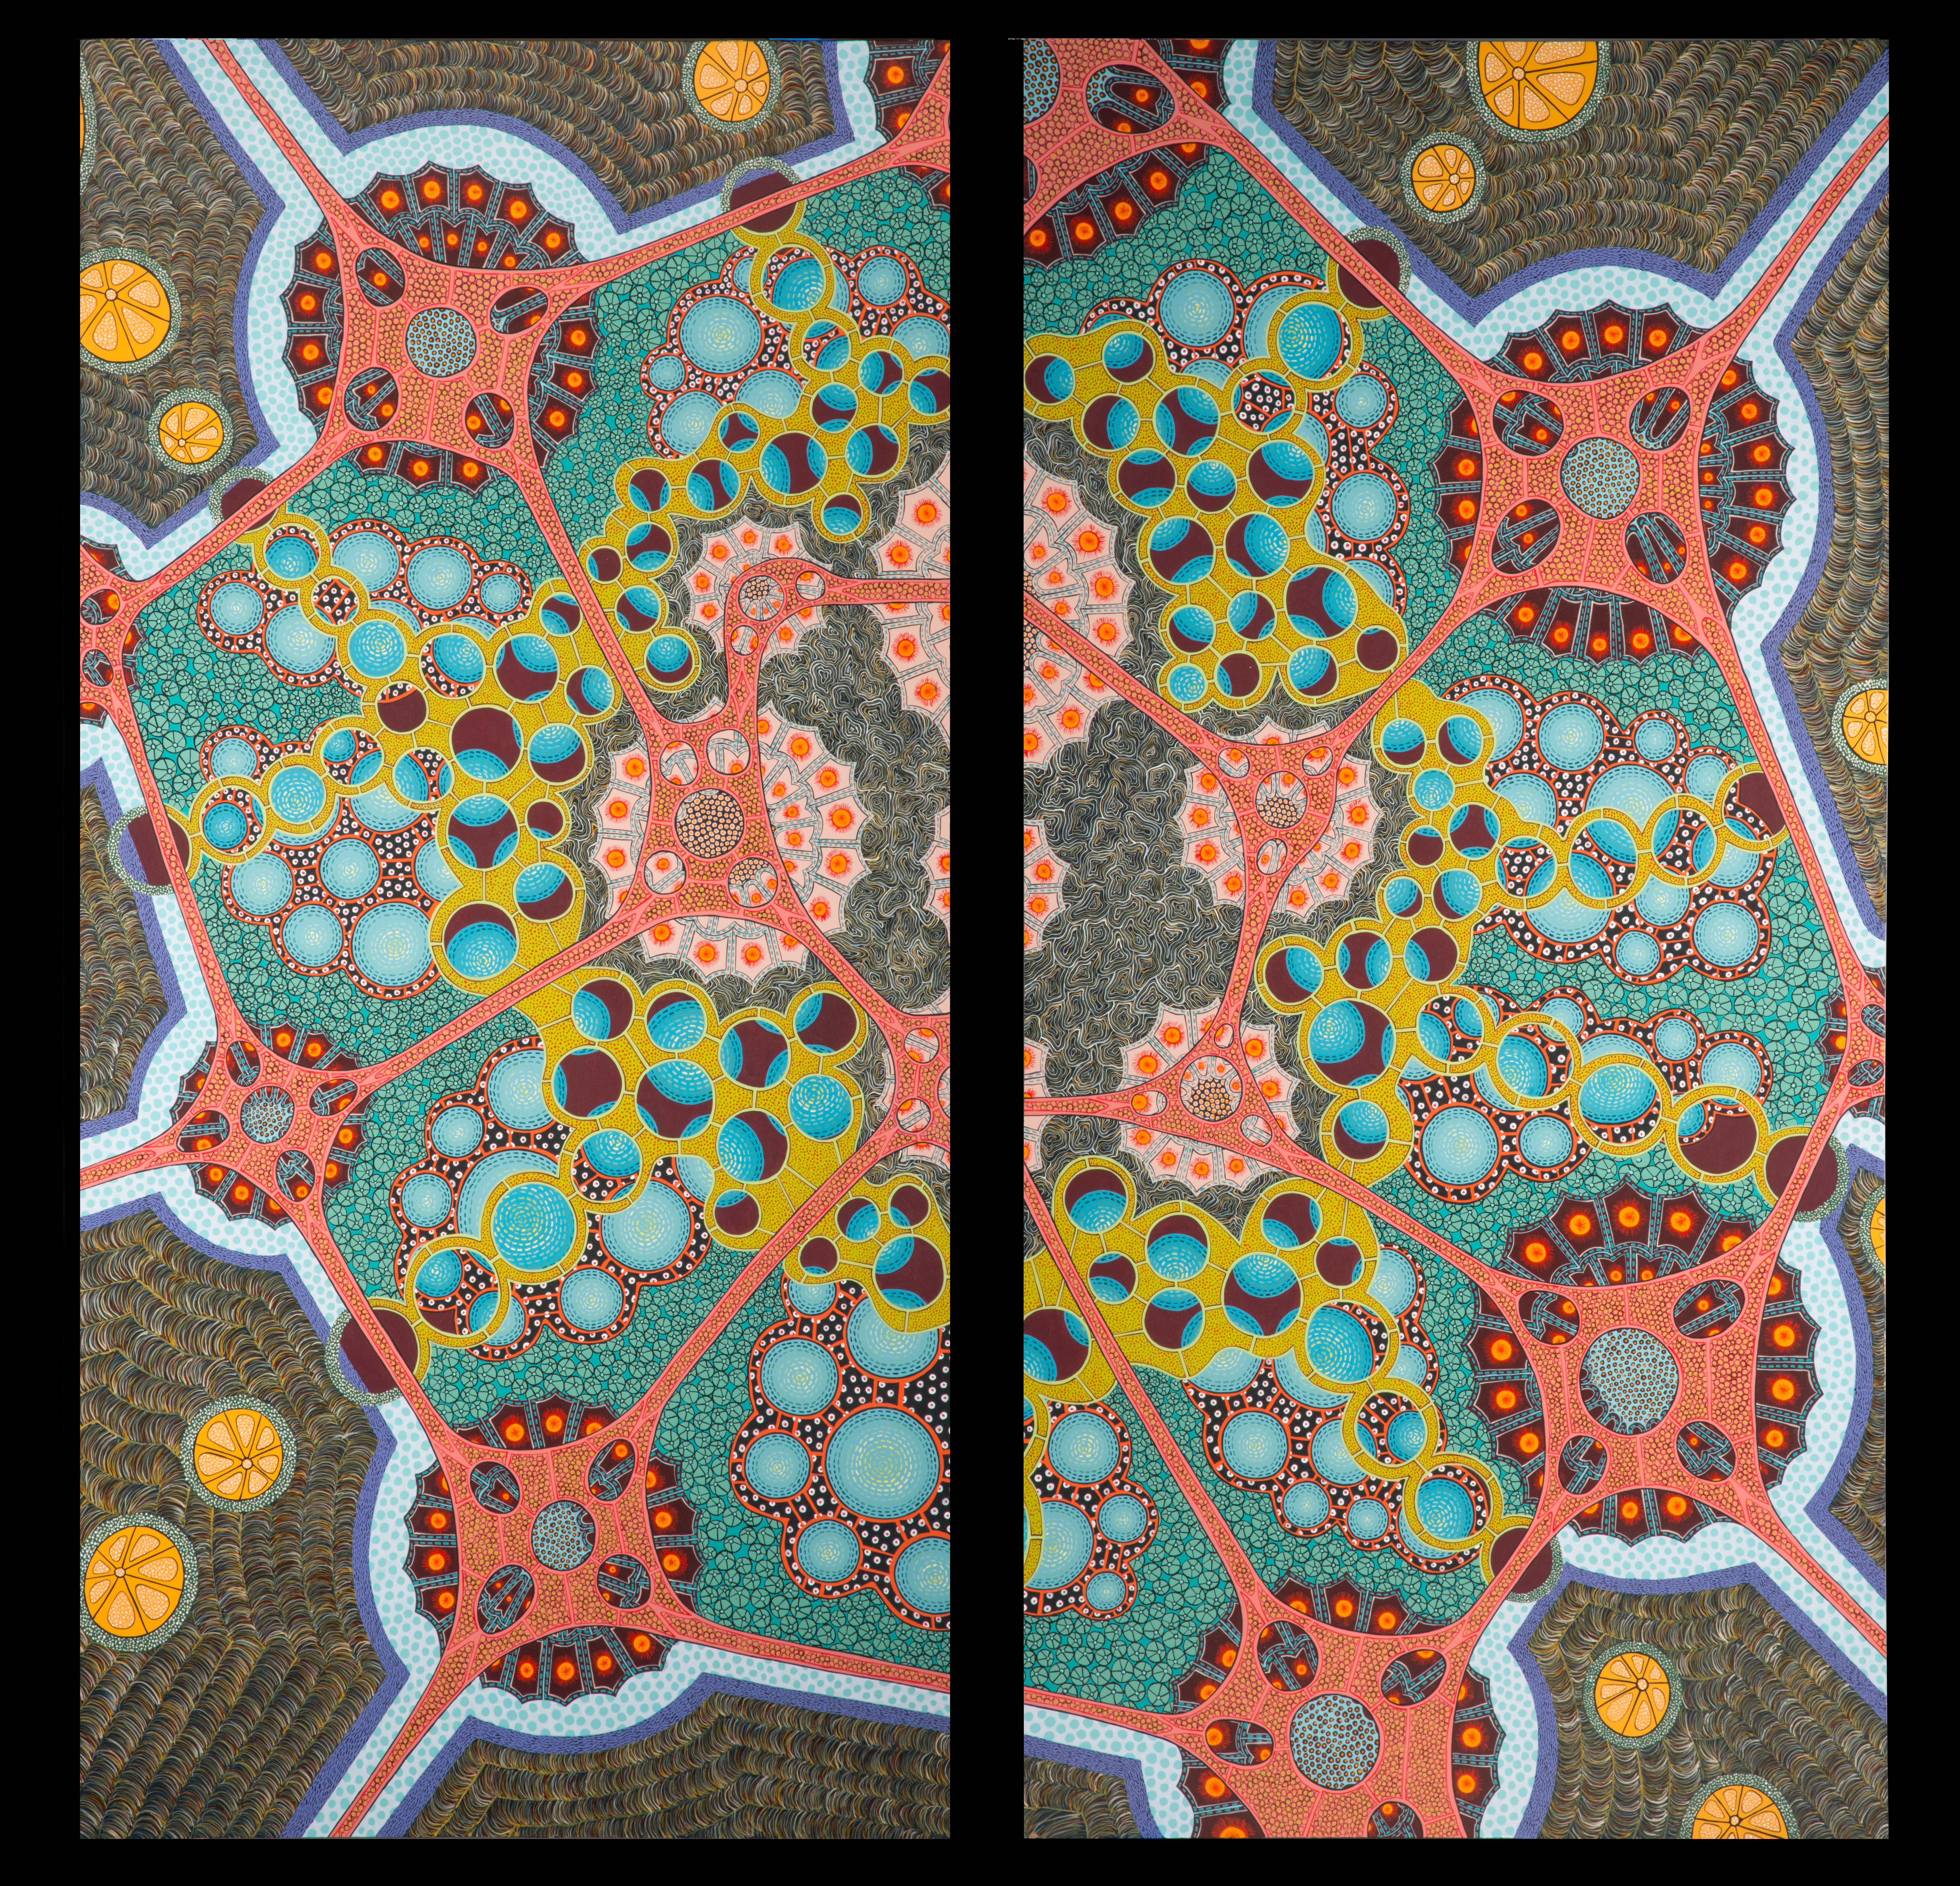 Pores. Orbs and Spores